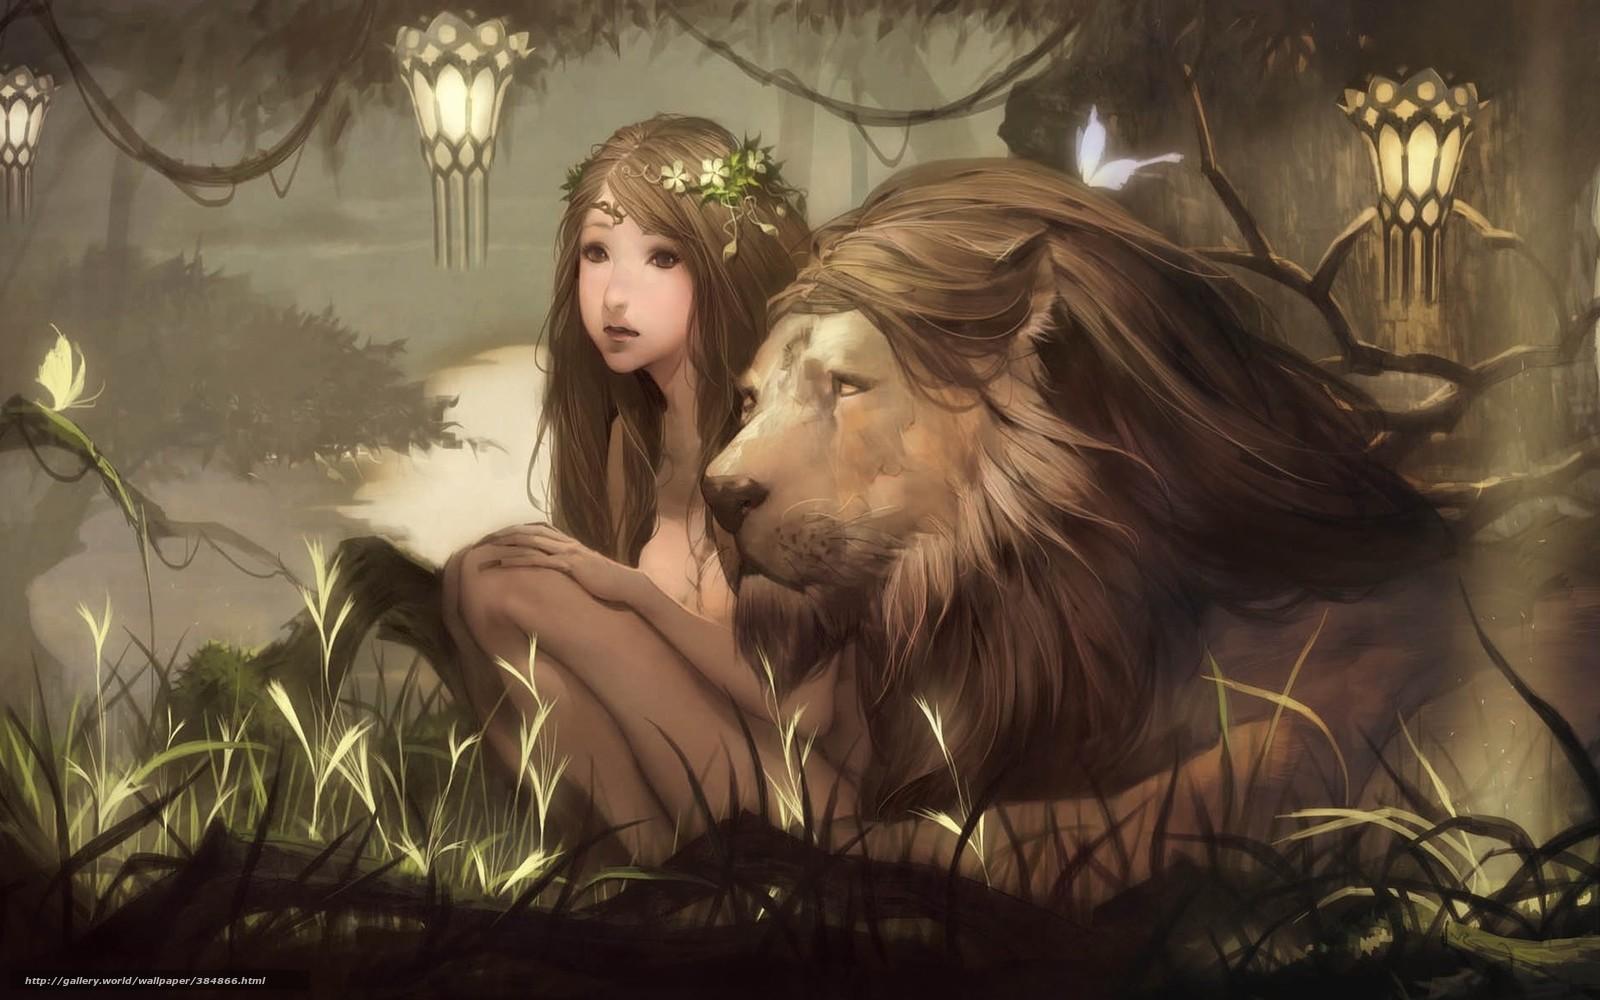 Baixar Wallpaper Arte,  menina,  leo,  gato selvagem Papis de parede grtis na resoluo 2013x1187 — quadro №384866